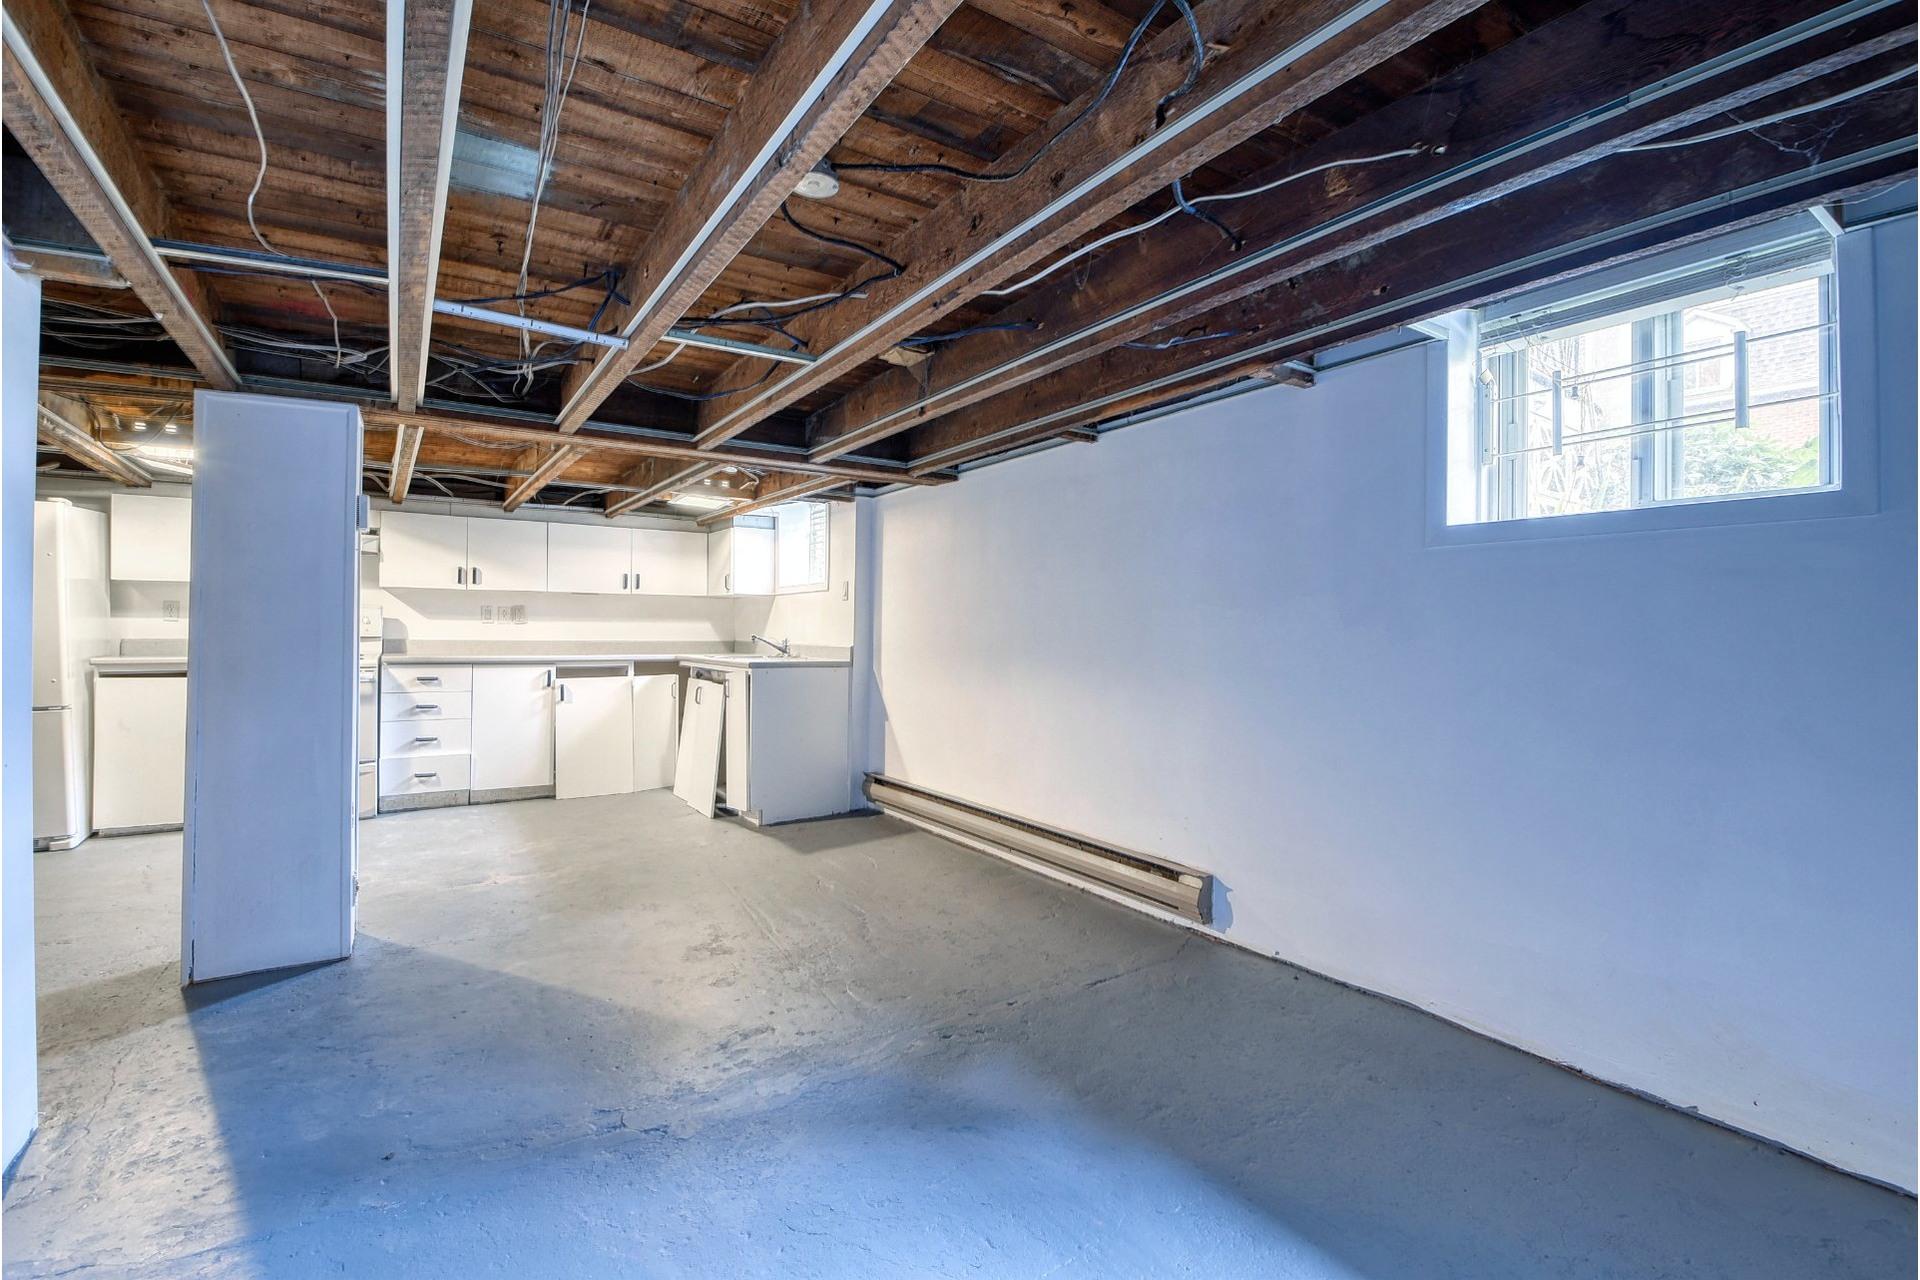 image 15 - Duplex For sale Lachine Montréal  - 7 rooms